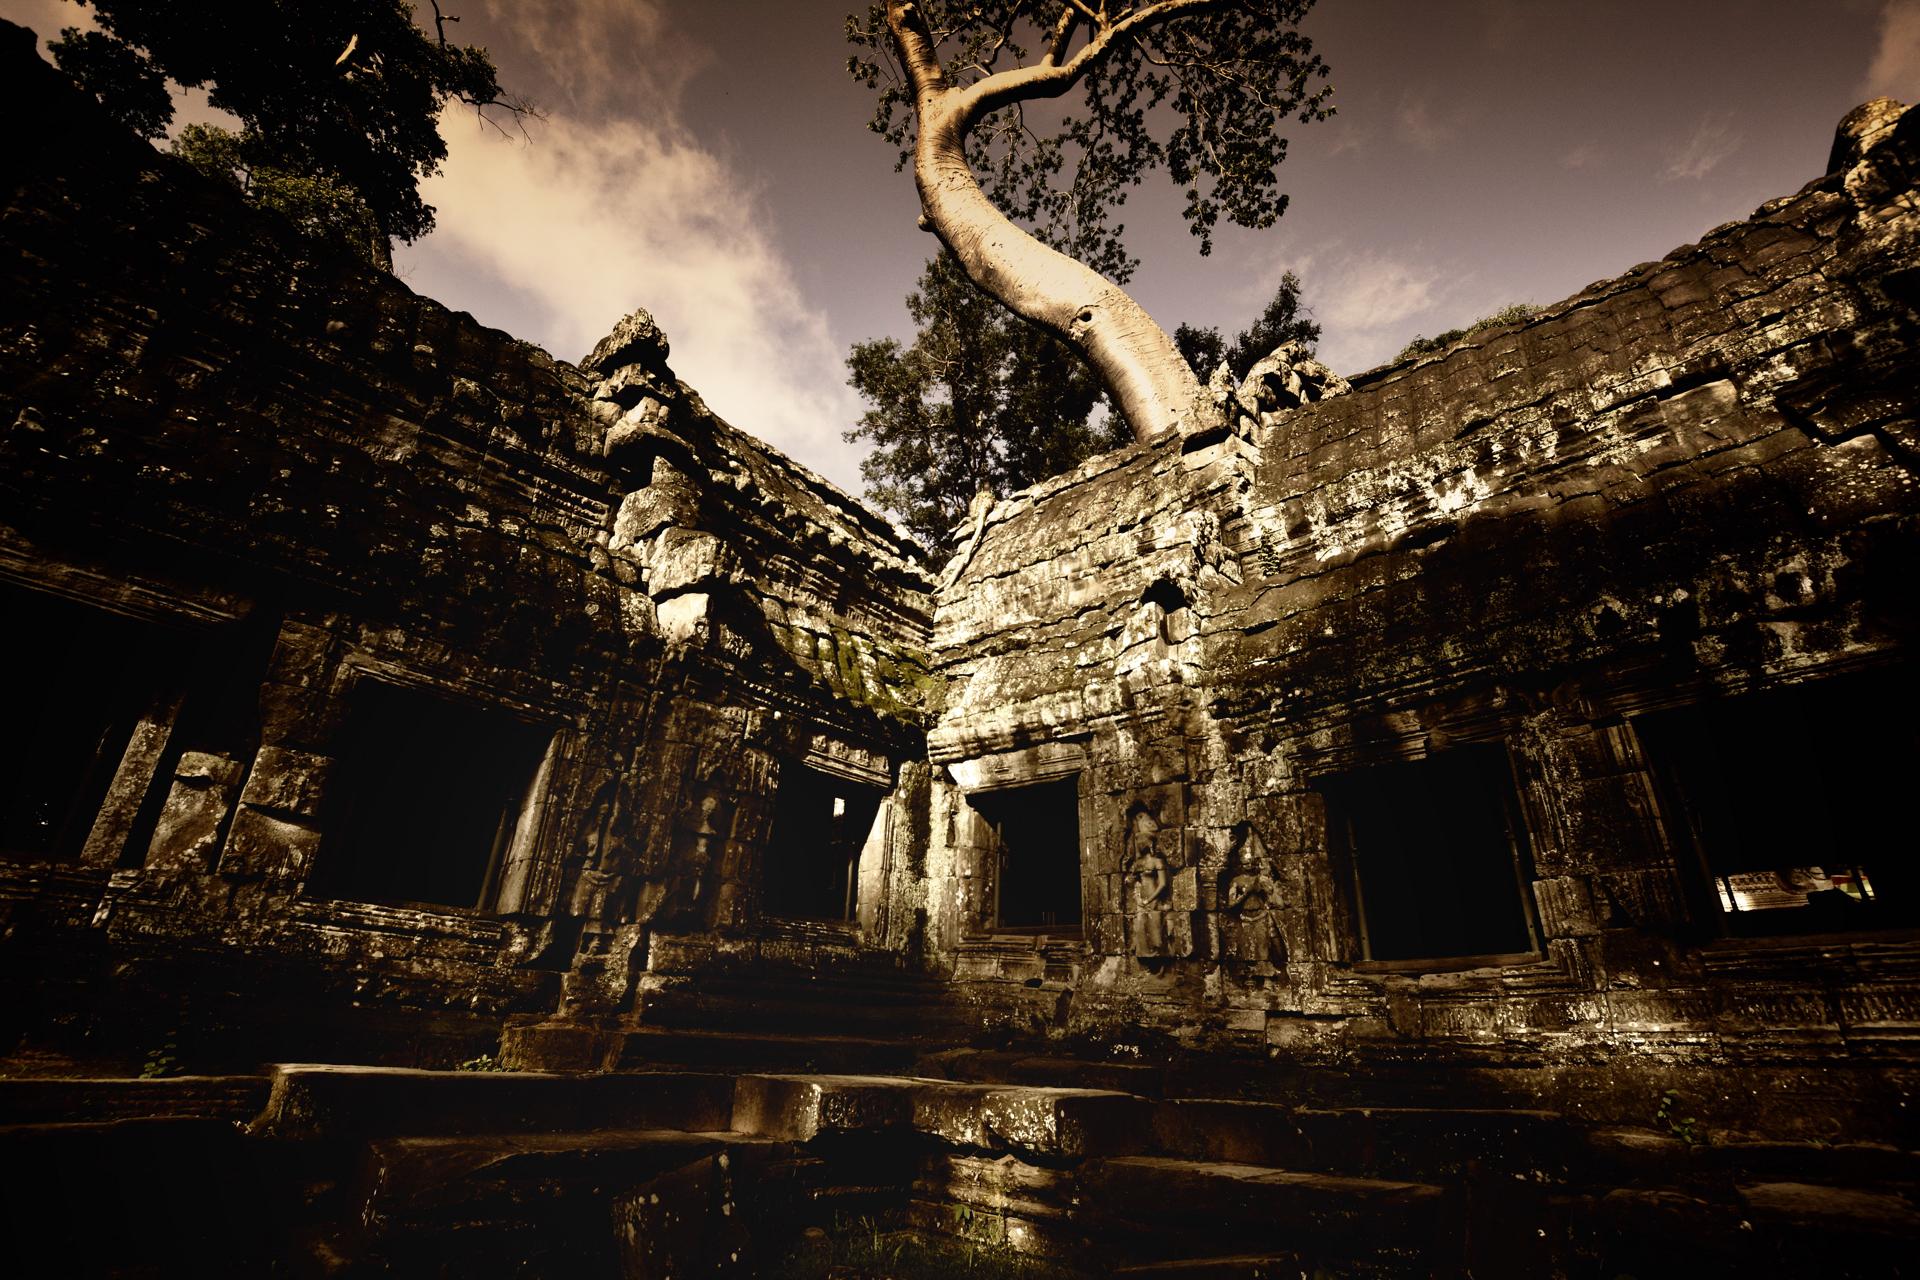 2020-10-kambodscha-laos_munding-diashows_034